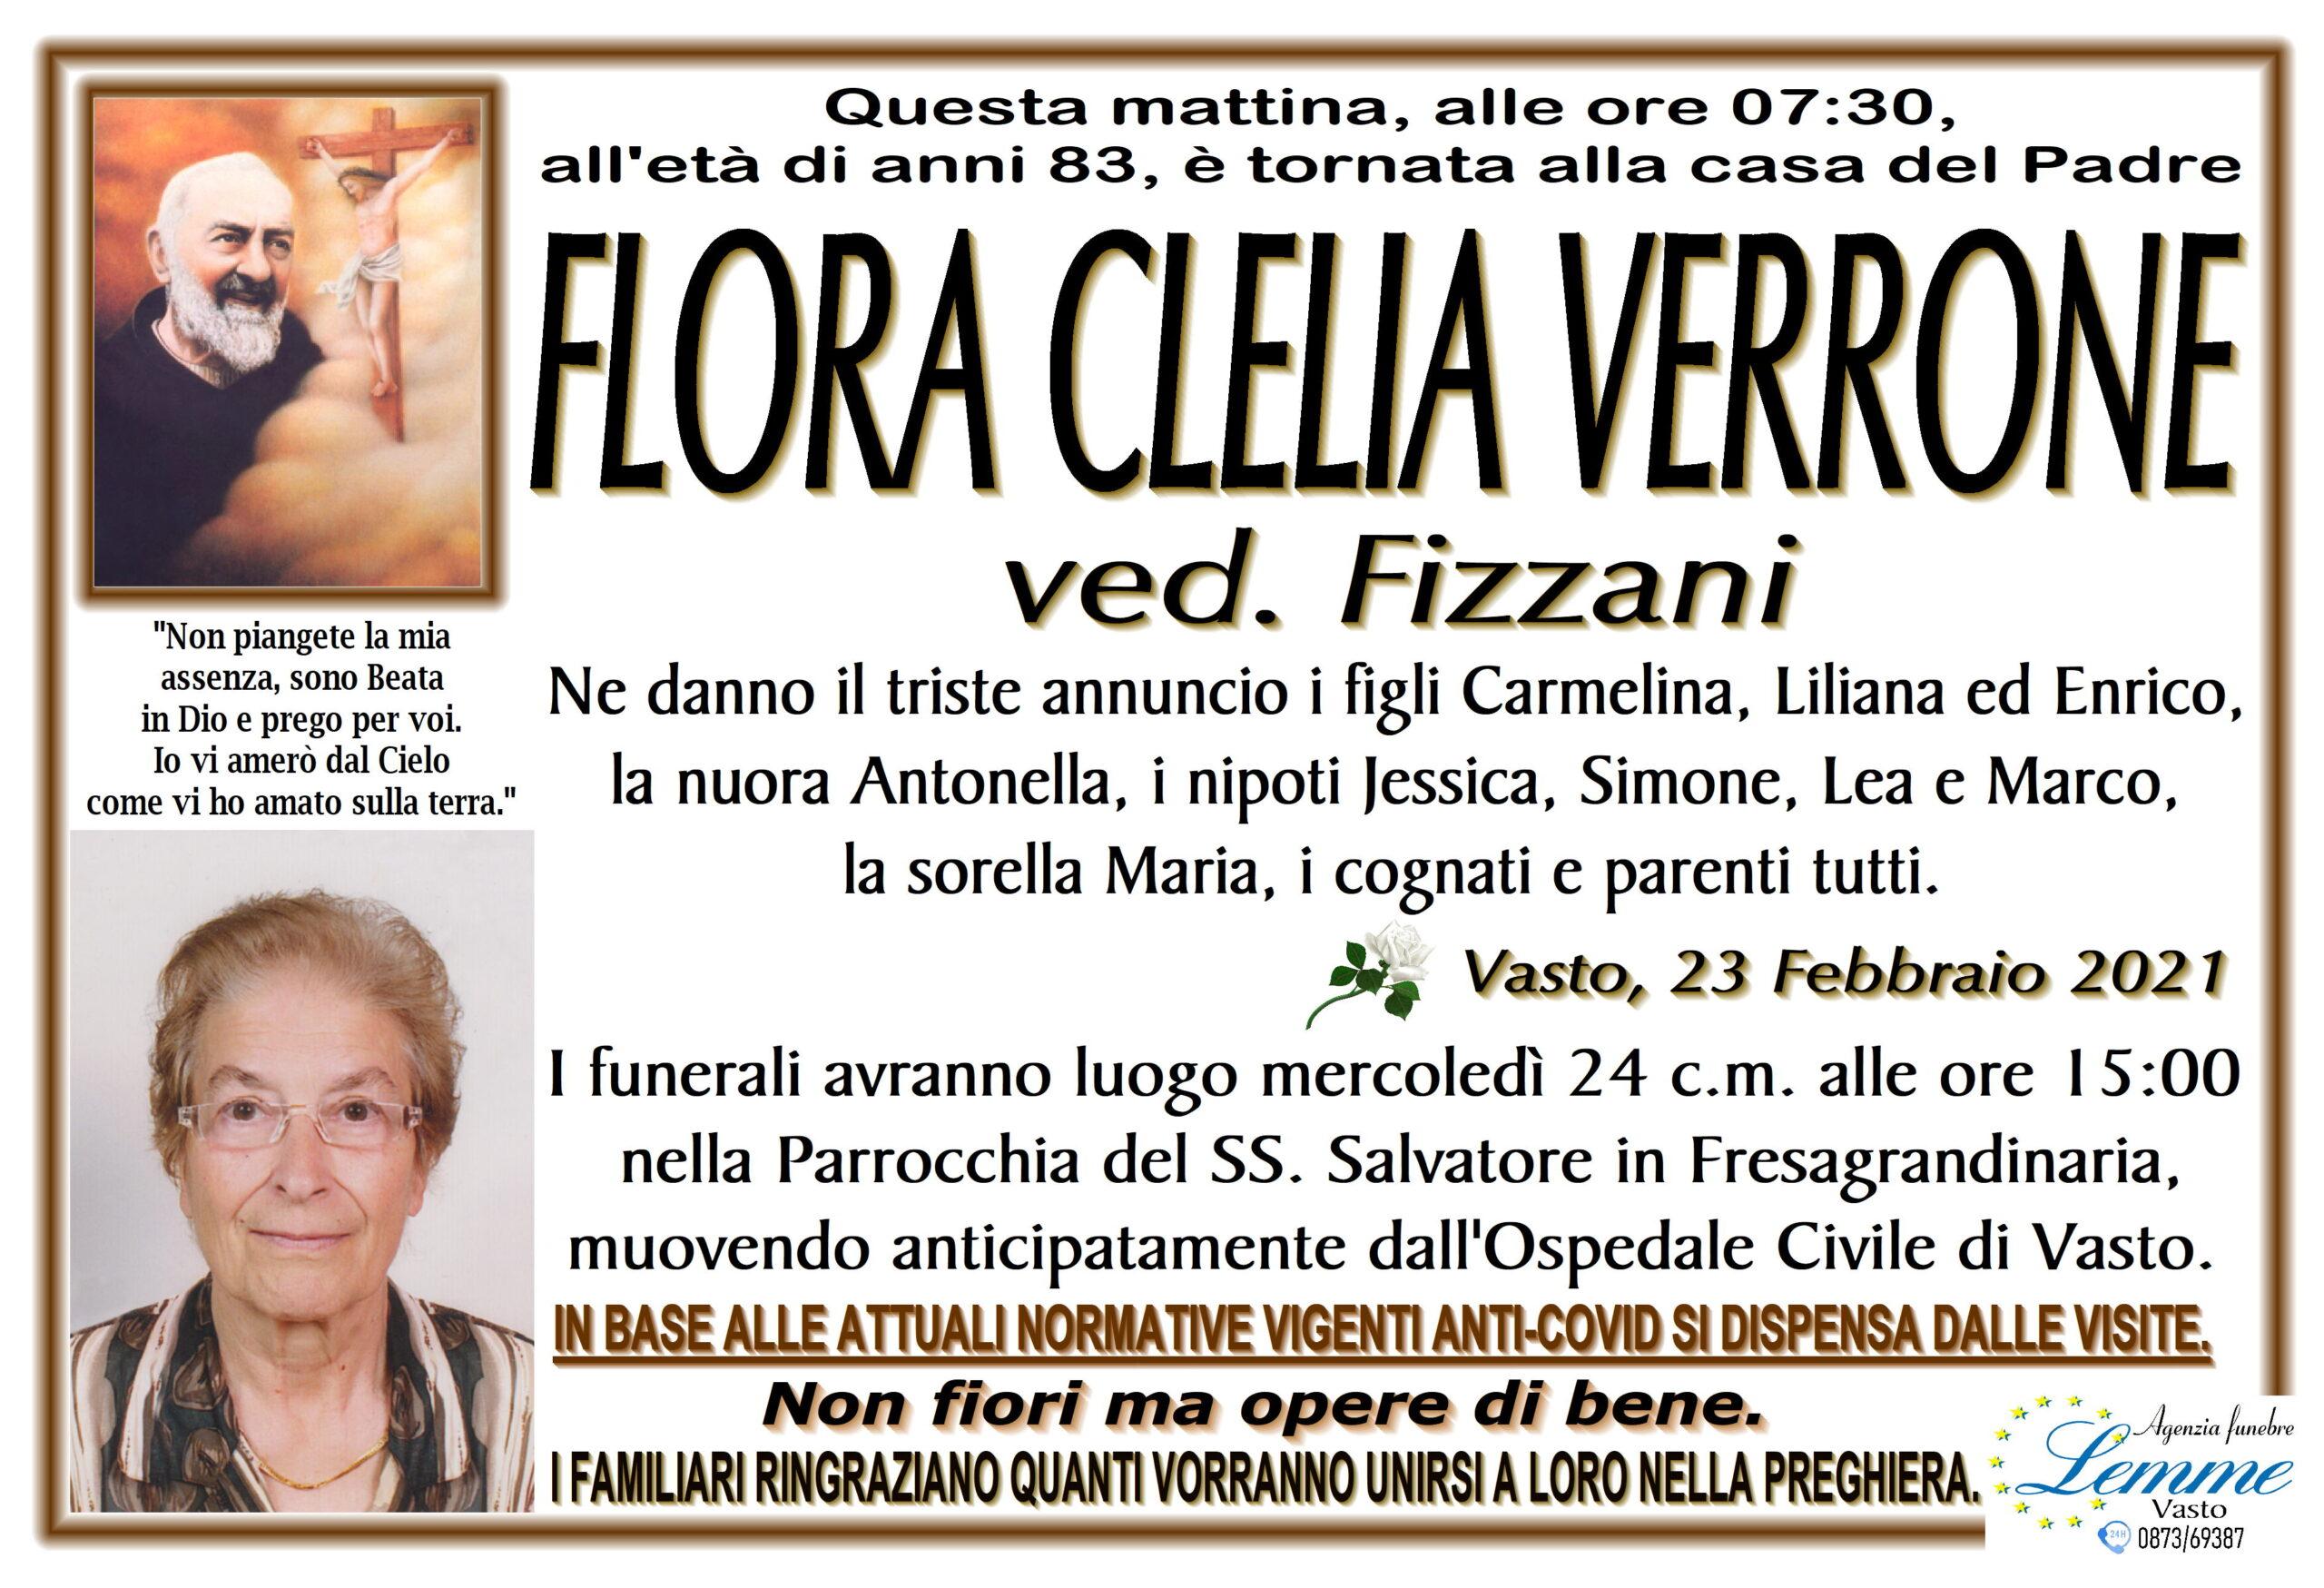 FLORA CLELIA VERRONE